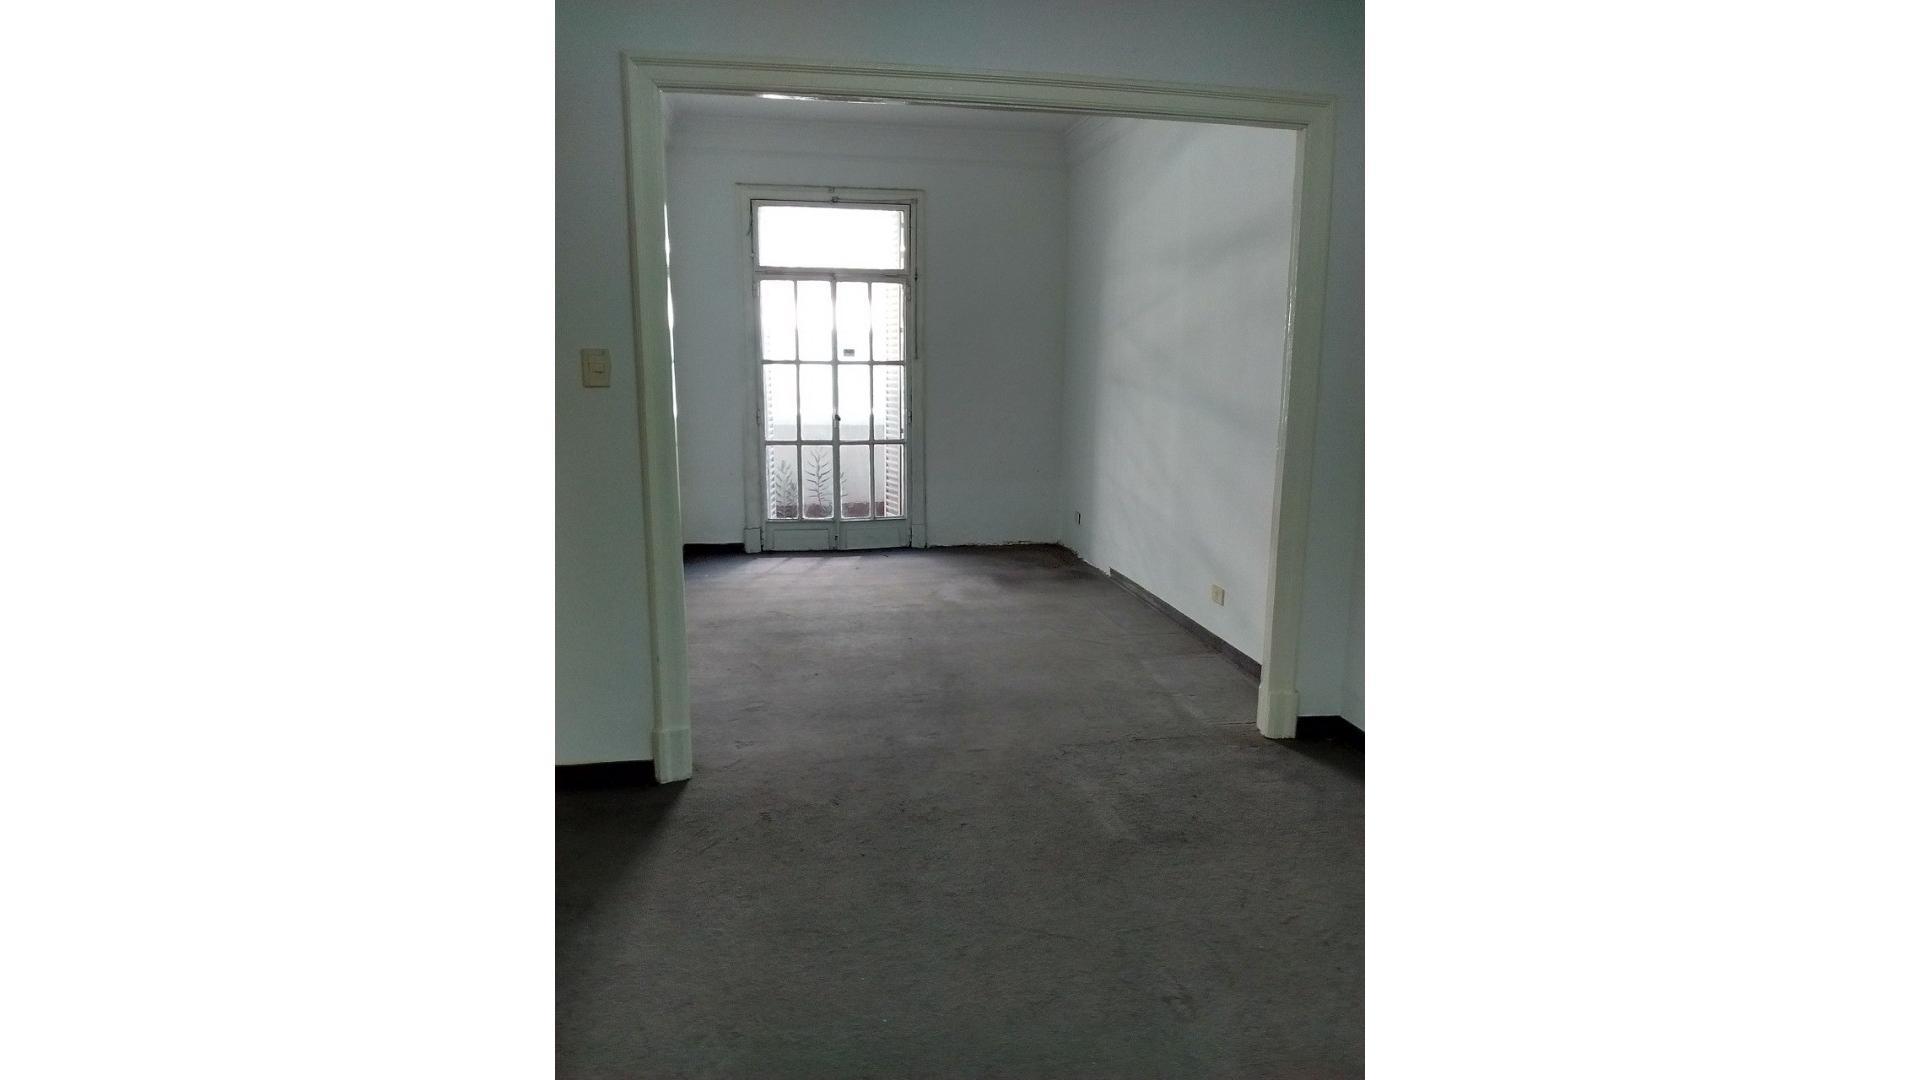 Vendo departamento de 2 amb excelente ubicación 4701-7118